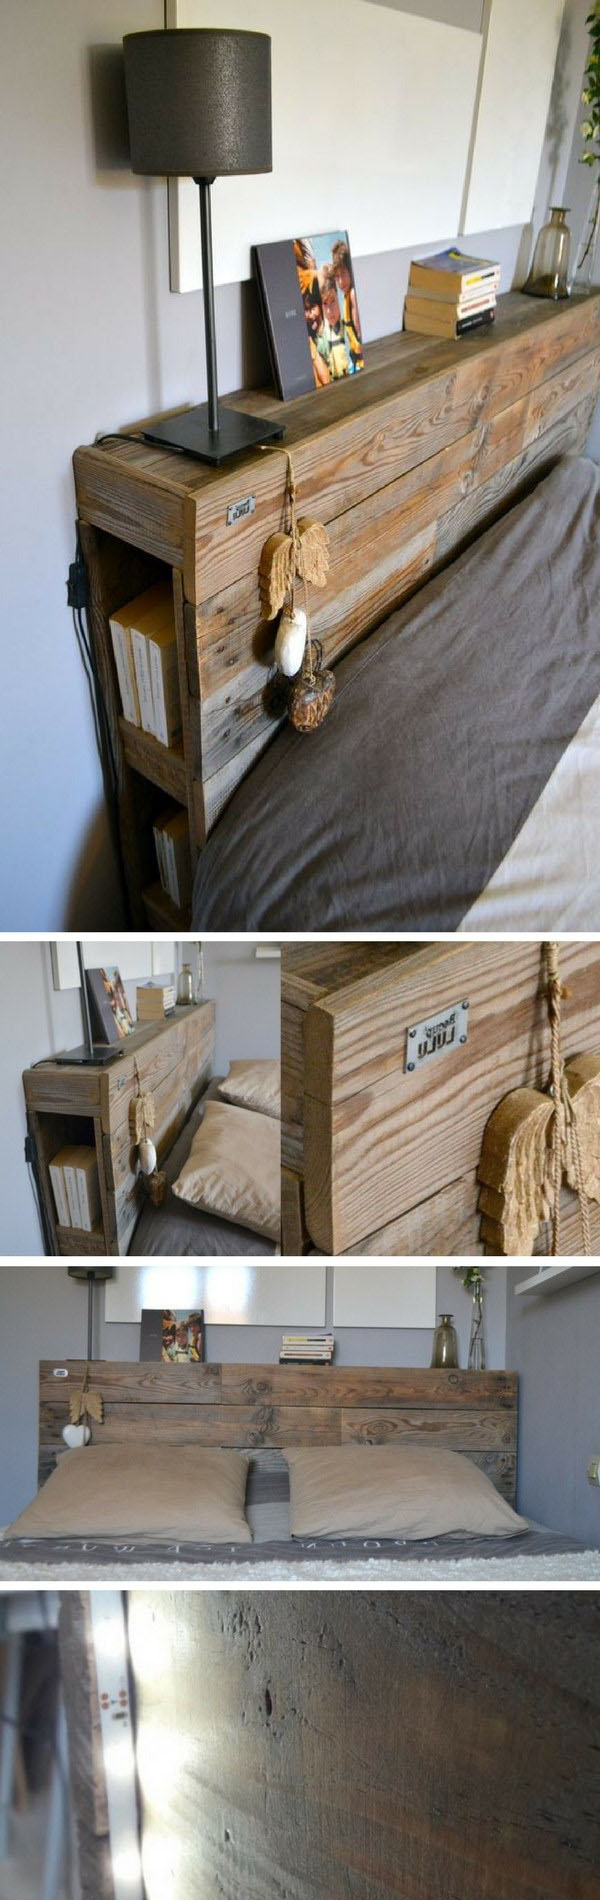 Fabriquer Un Lit En Bois tête de lit en palette : 39 inspirations pour votre chambre